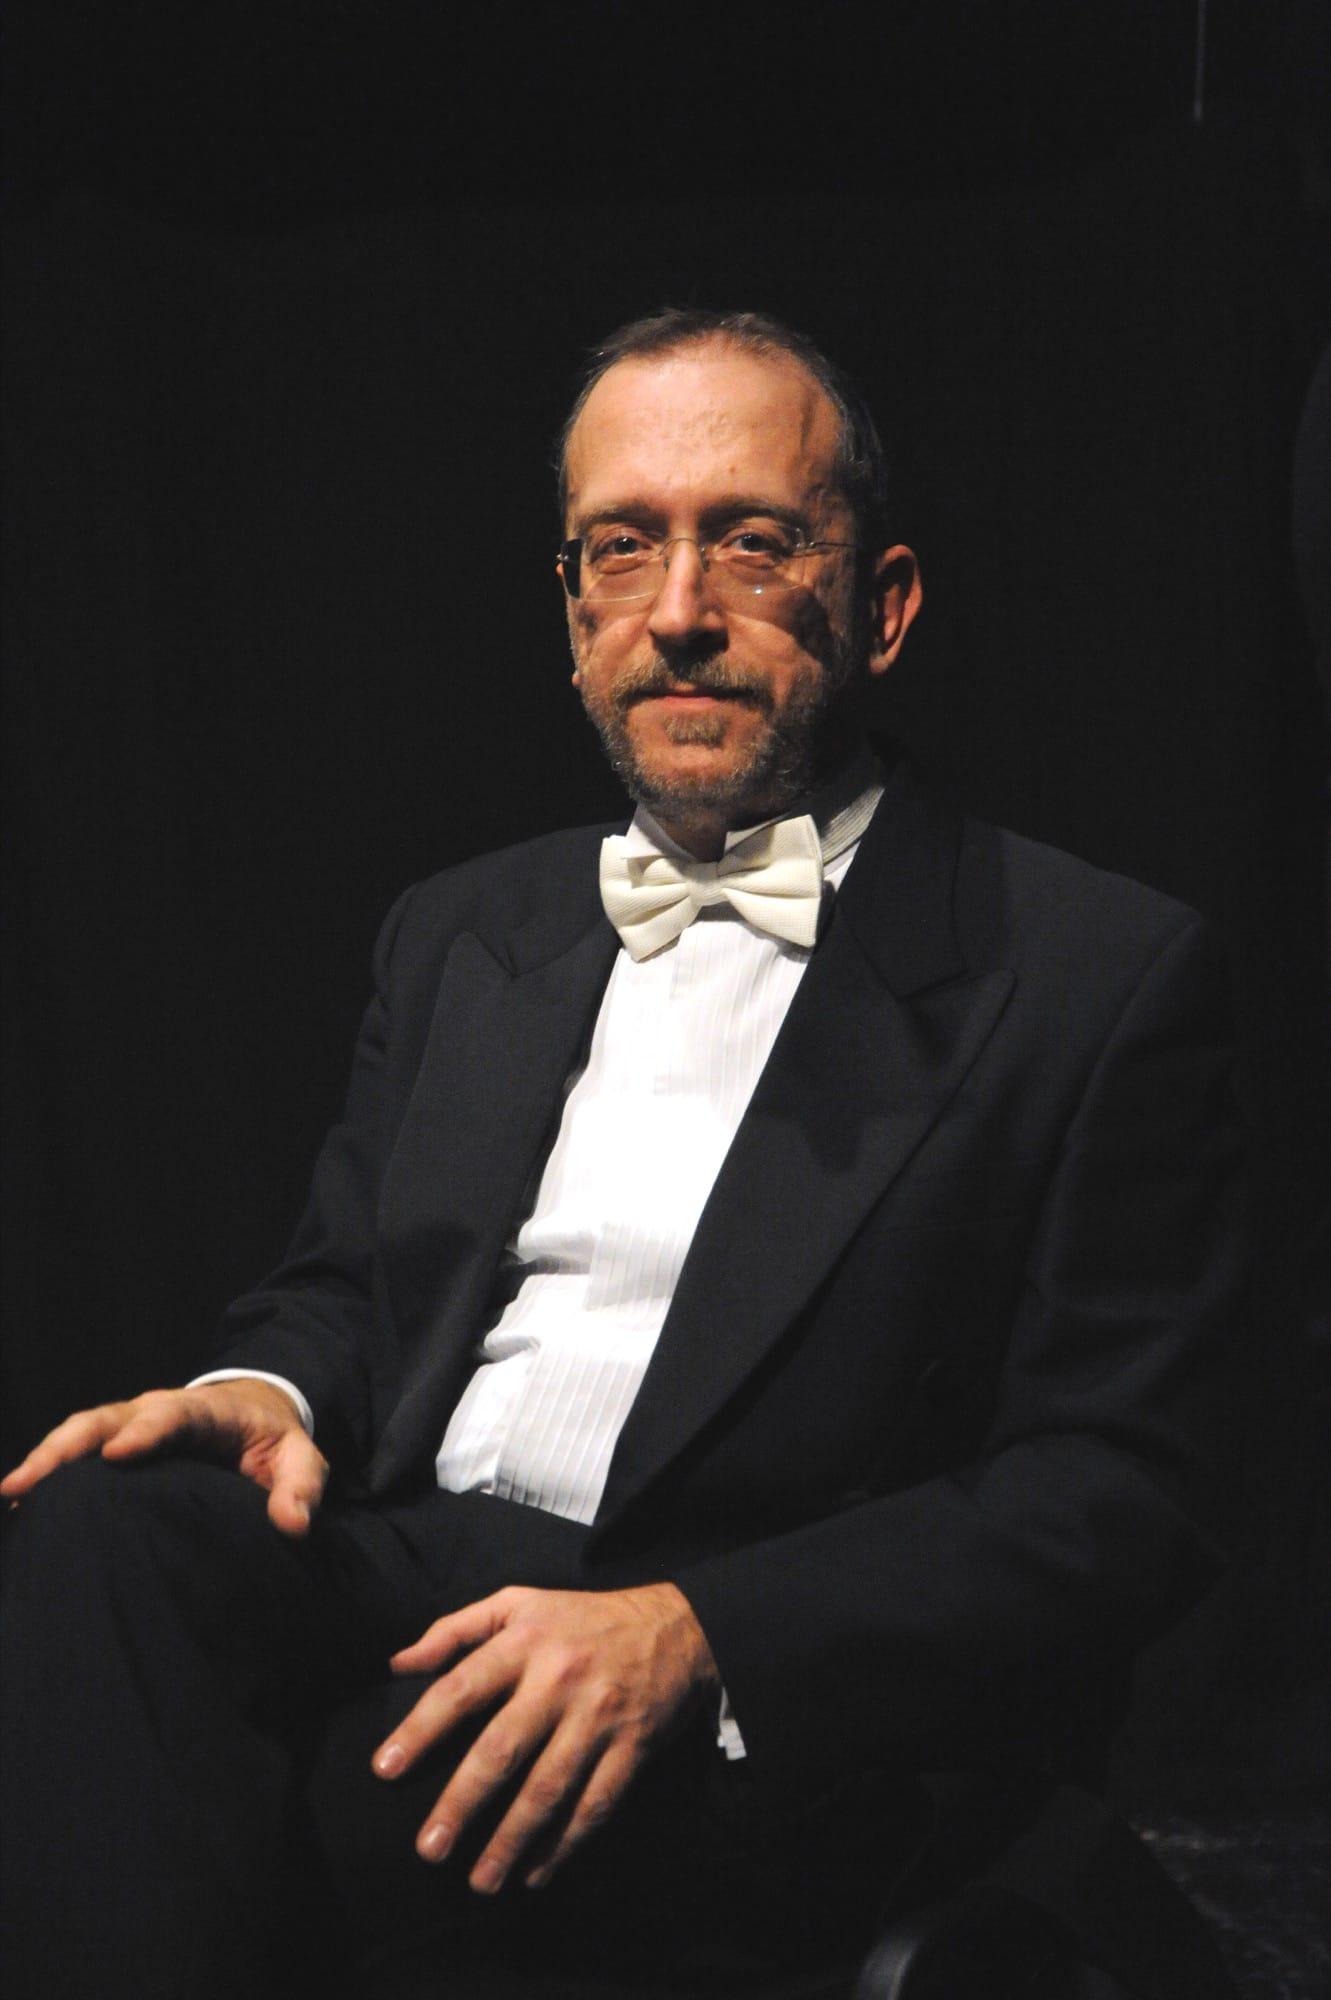 Piero Barbareschi Klassische Konzerte Wien Solist Concert Spirituel